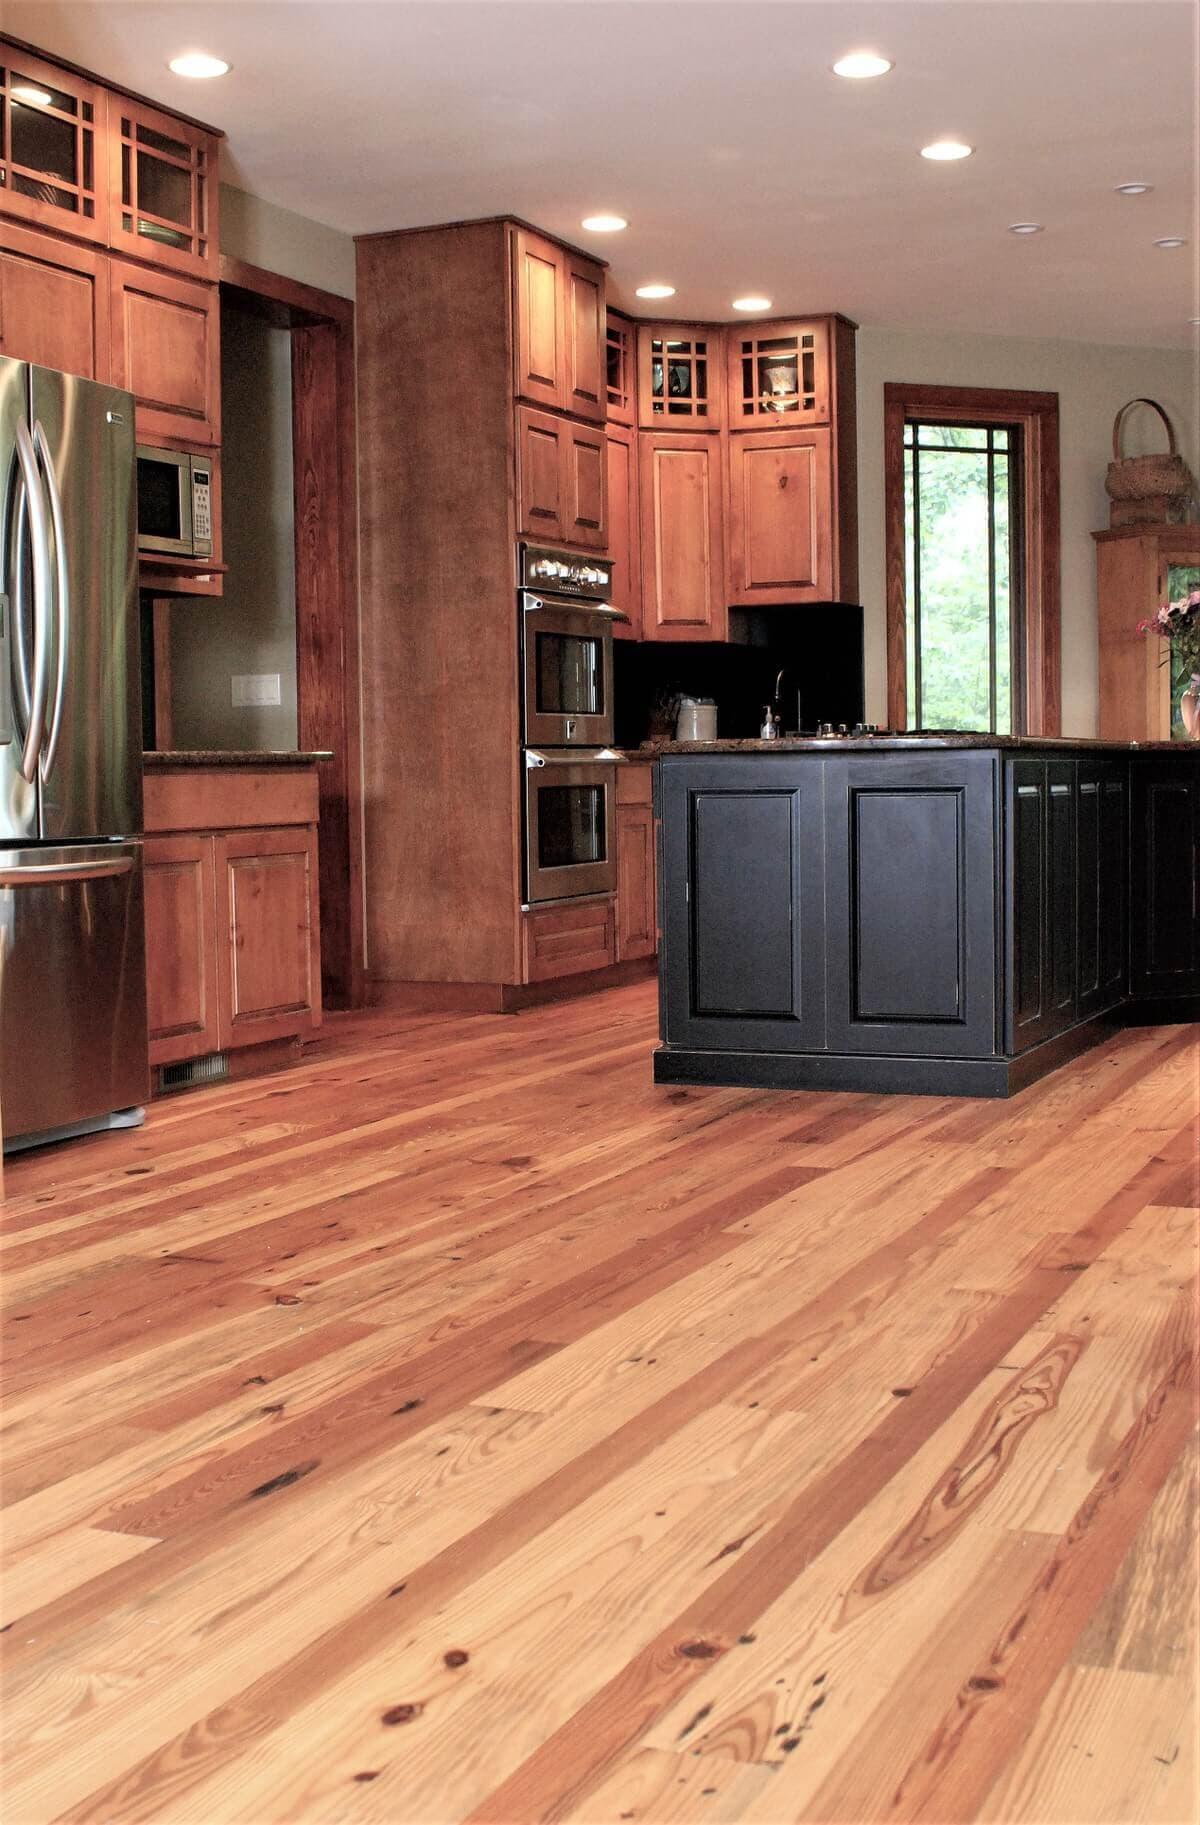 Cabin grade heart pine kitchen floor in hendersonville nc 2